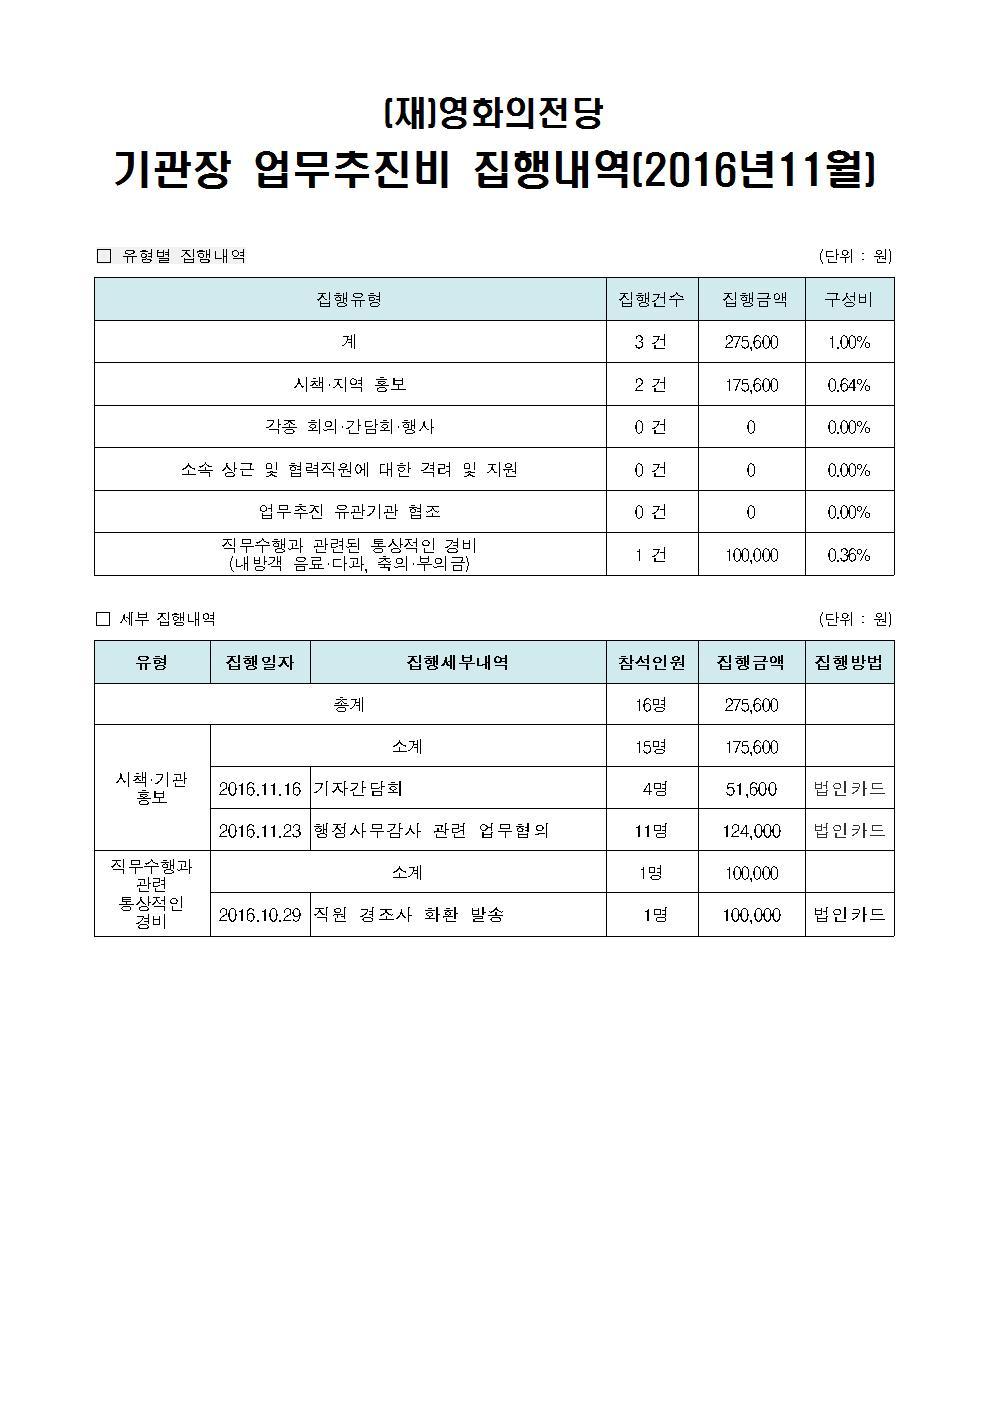 기관장 업무추진비 공개(2016.11.)